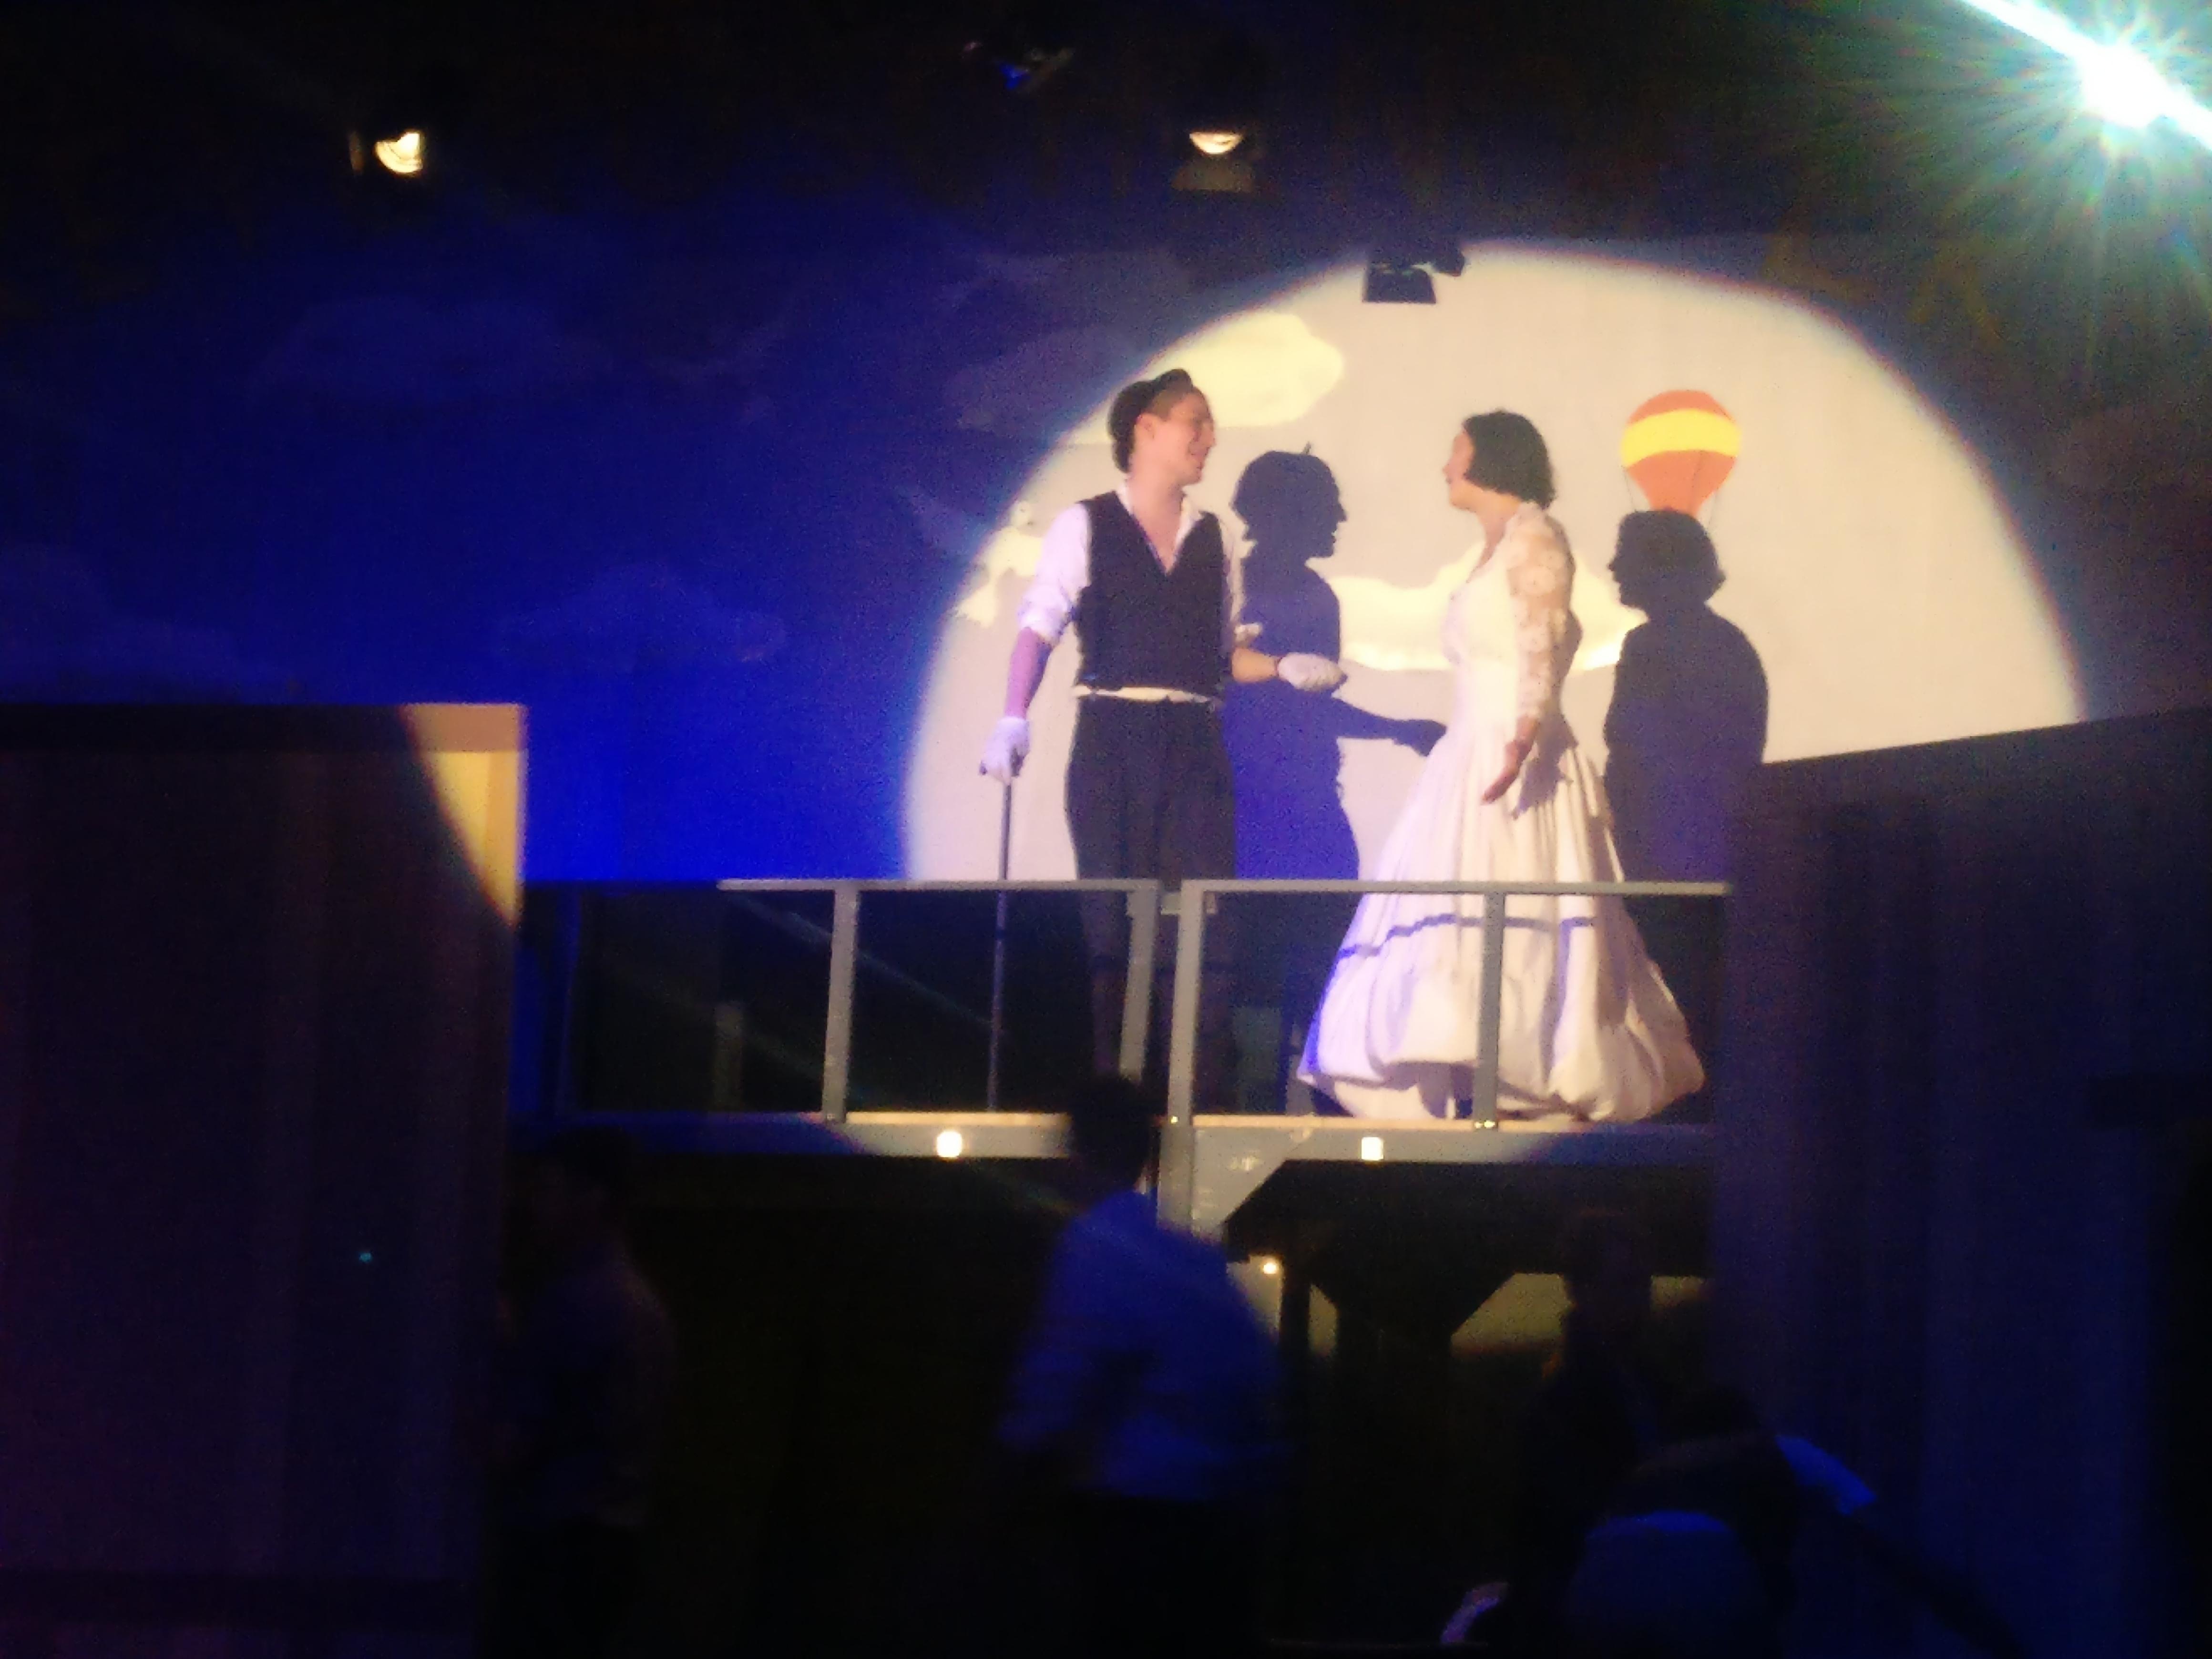 Schauspieler des Triaters im Scheinwerferlicht auf der Bühne